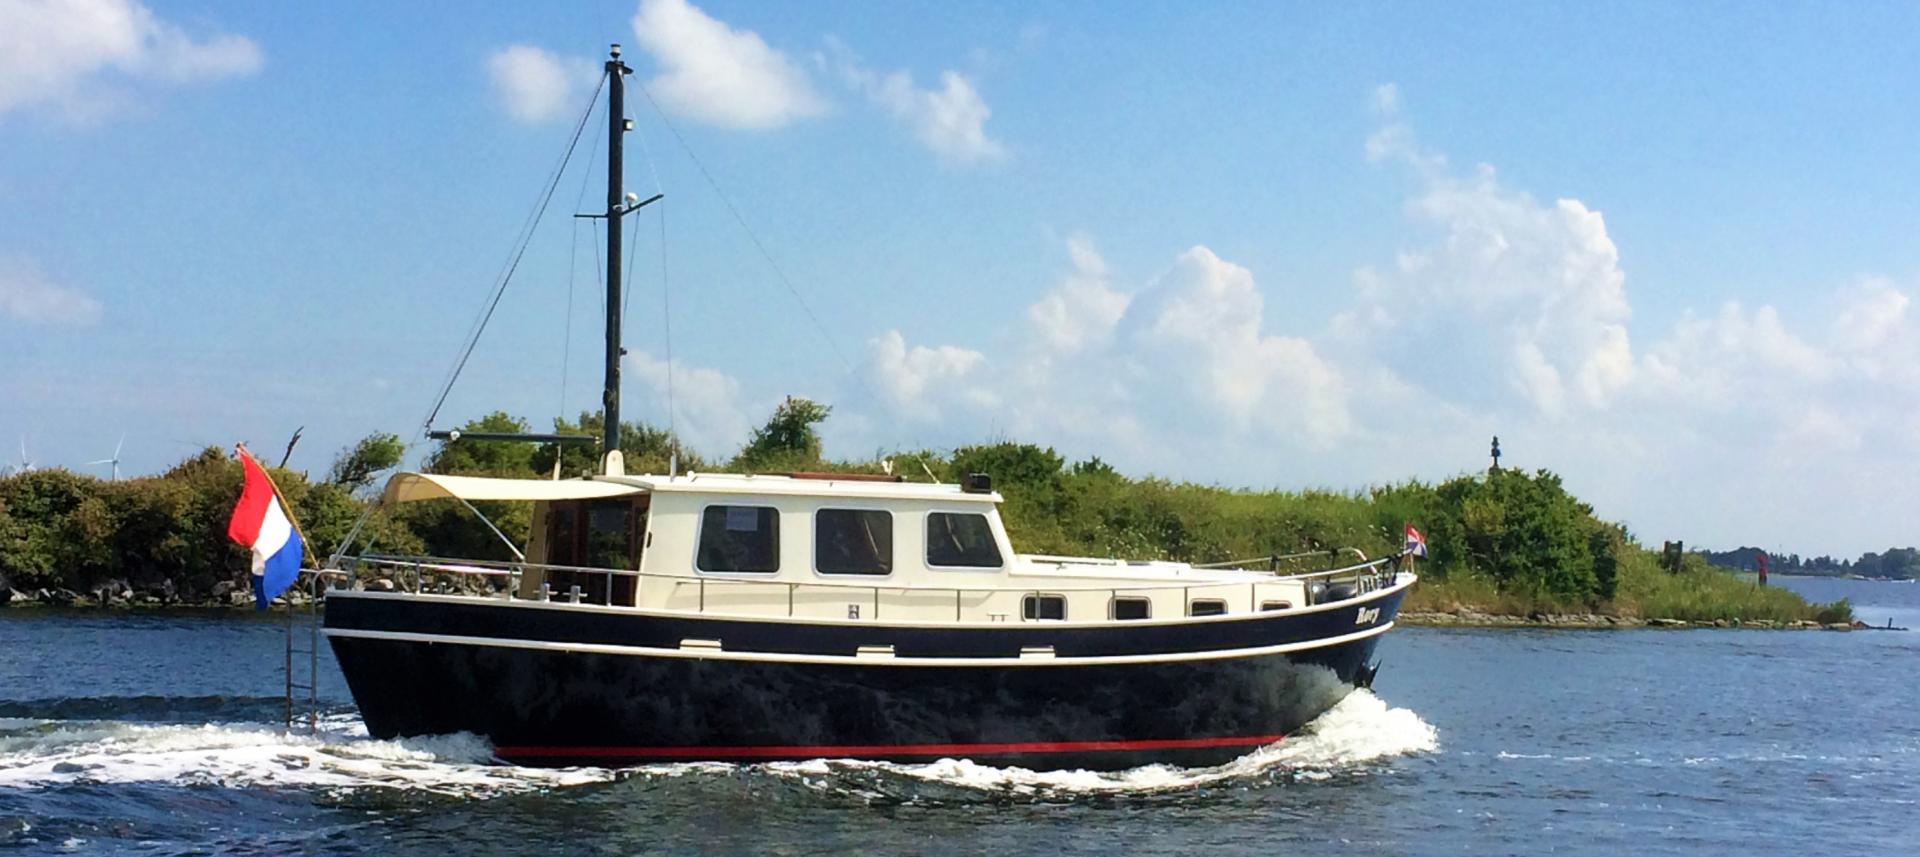 woz-bemiddeling_motorjachten_boten_schepen_provoost_maritiem_vlissingen.png - Provoost Maritiem - Waypoint voor service en onderhoud